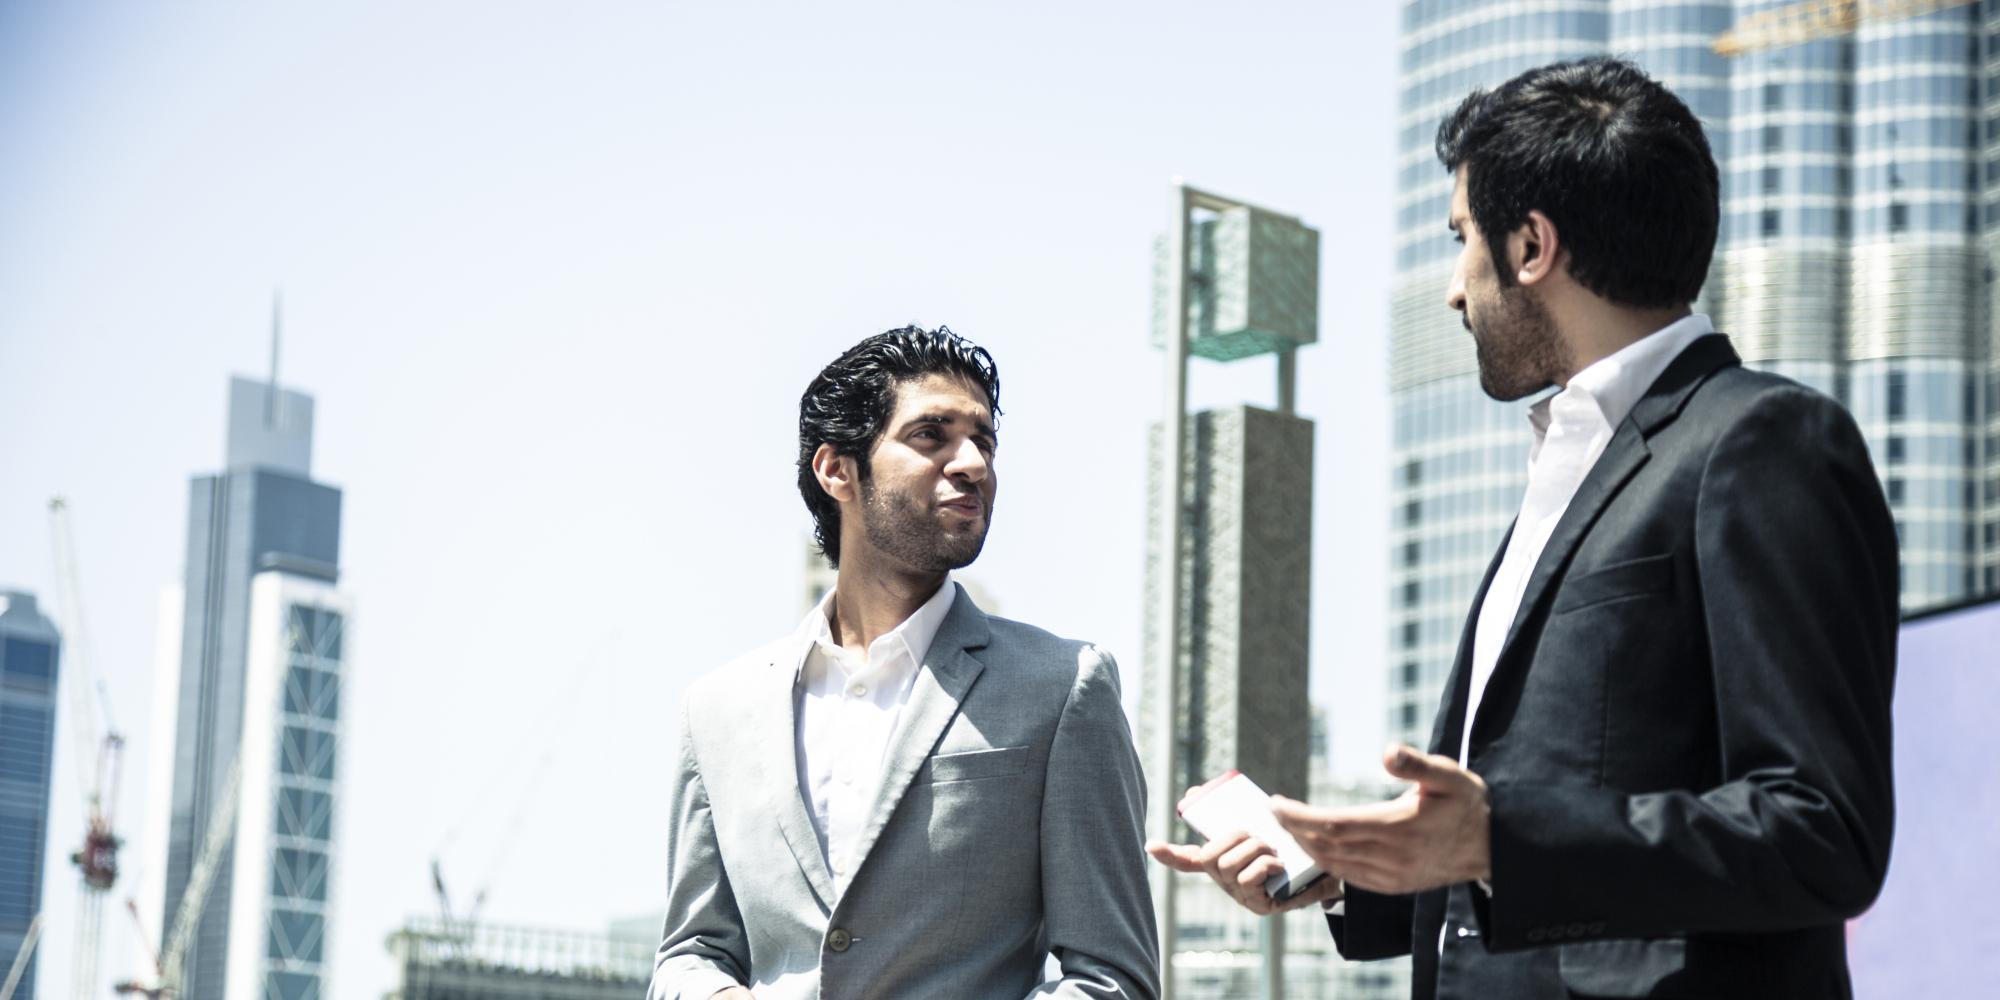 كيف نجحت دبي في أن تقود الشرق الأوسط بإطلاق الشركات الجديدة؟.. إليك قصصاً شبابية وجدت ضالتها في الإمارة الخليجية